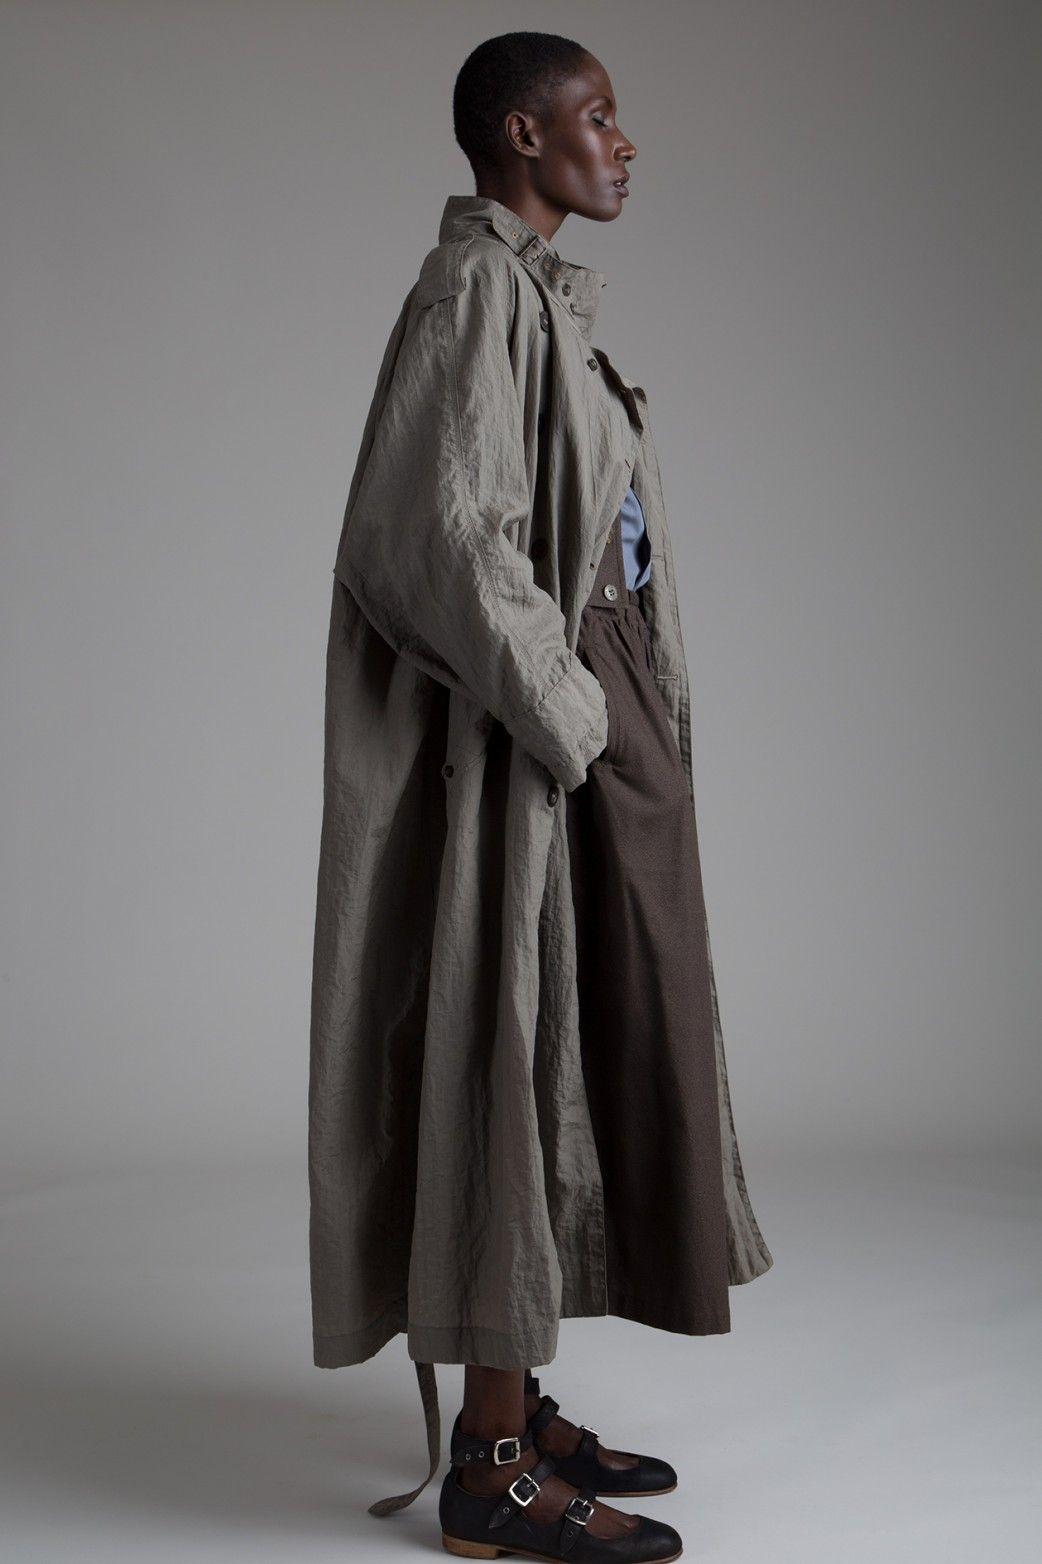 matsuda trench coat issey miyake plantation skirt and